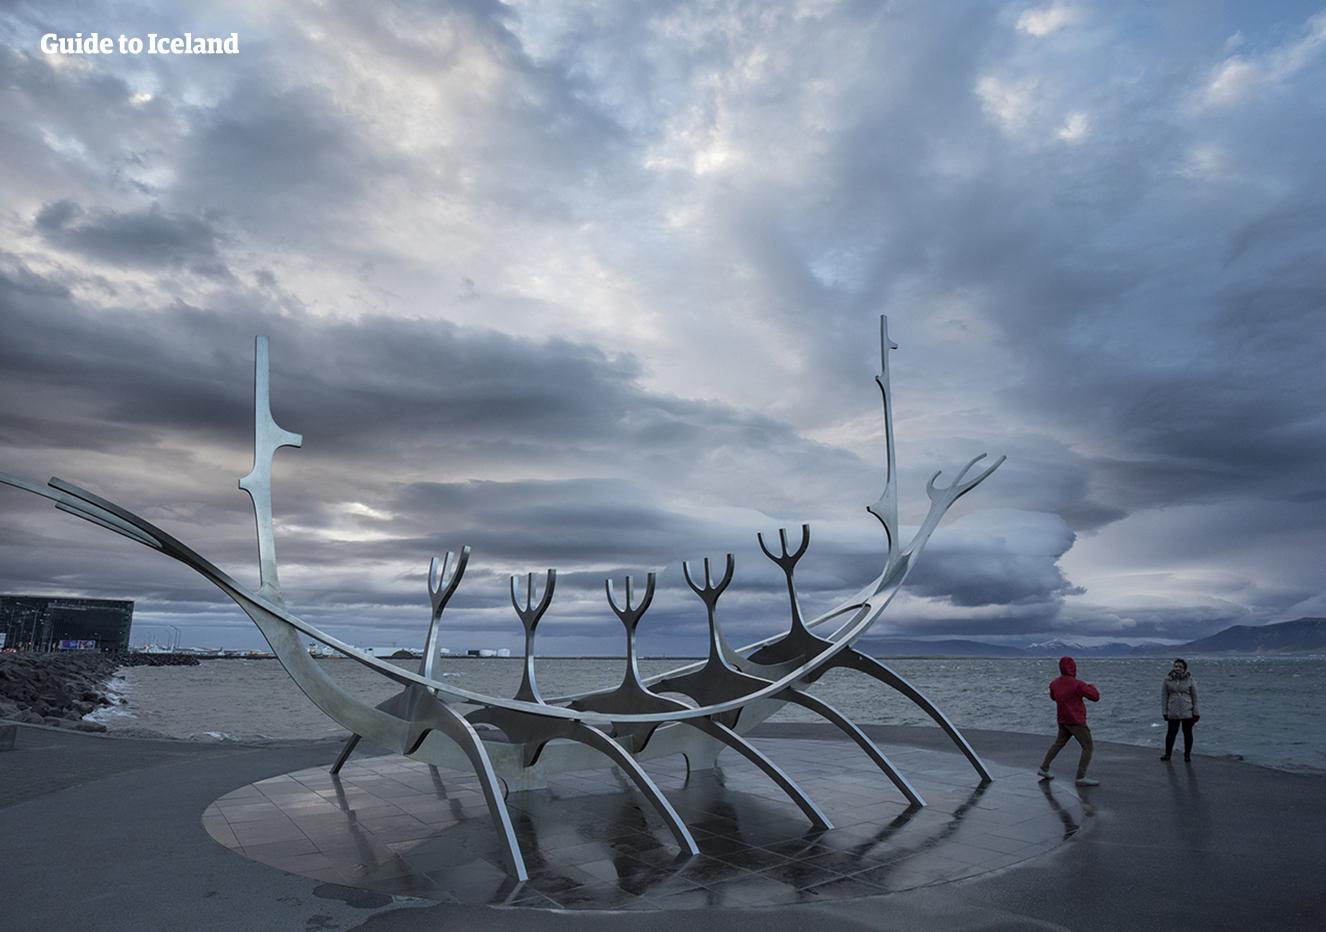 レイキャビクの人気な芸術品、ソゥルファリズから海と山を見渡す景色が楽しめる